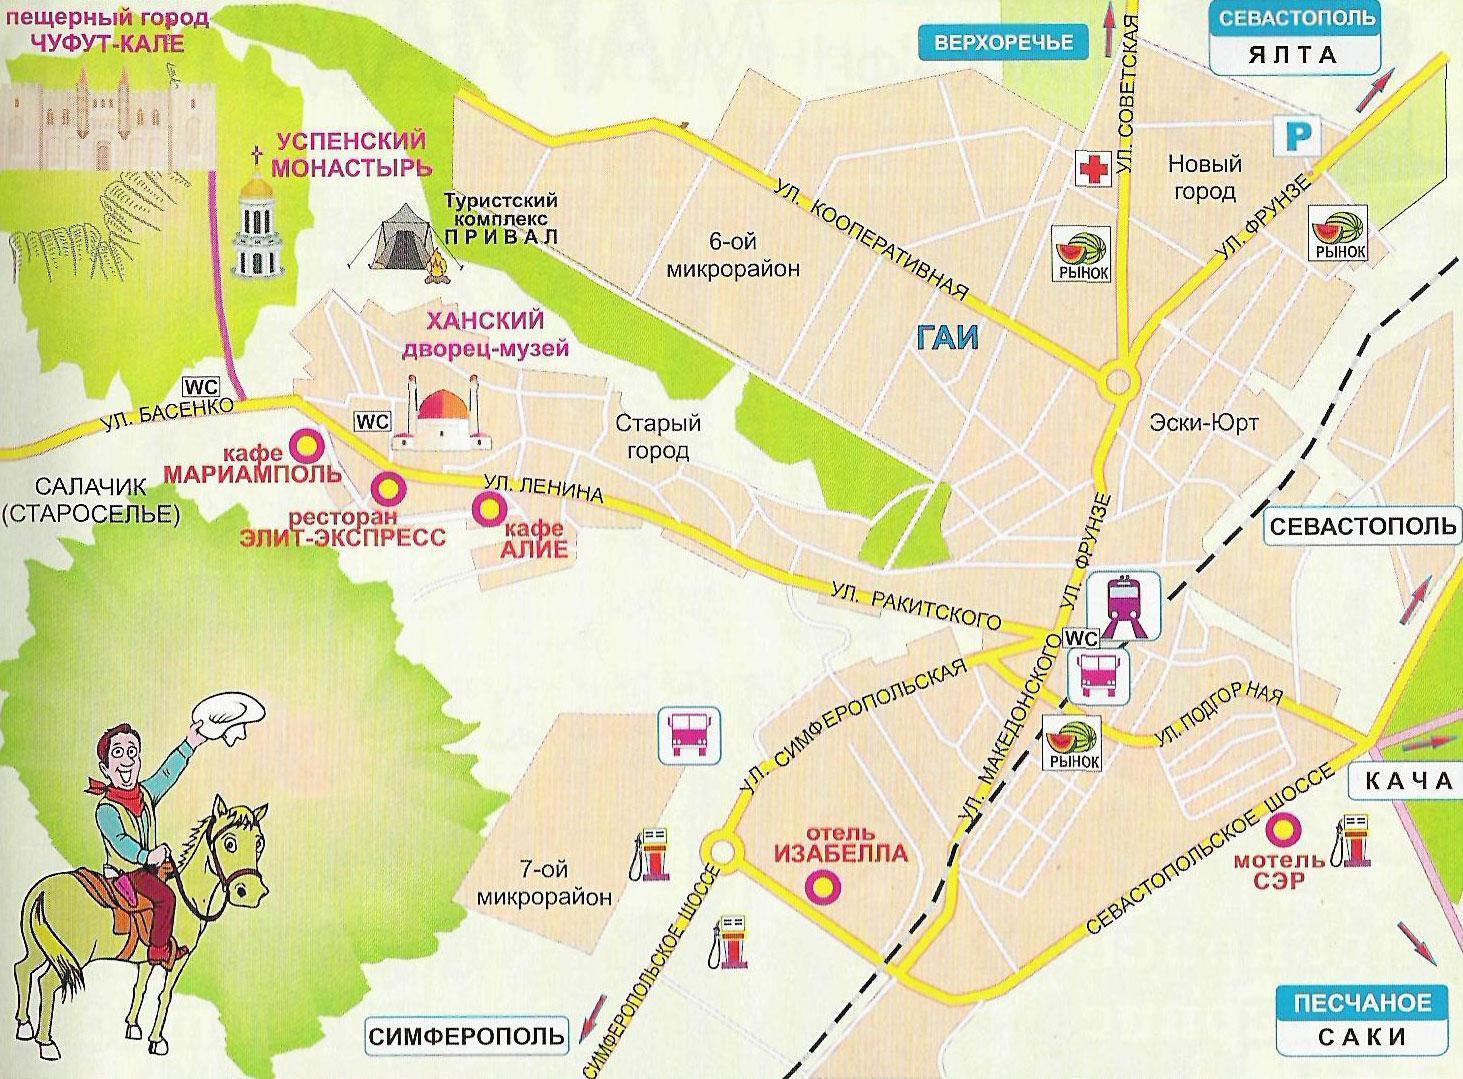 Достопримечательности Бахчисарая на карте